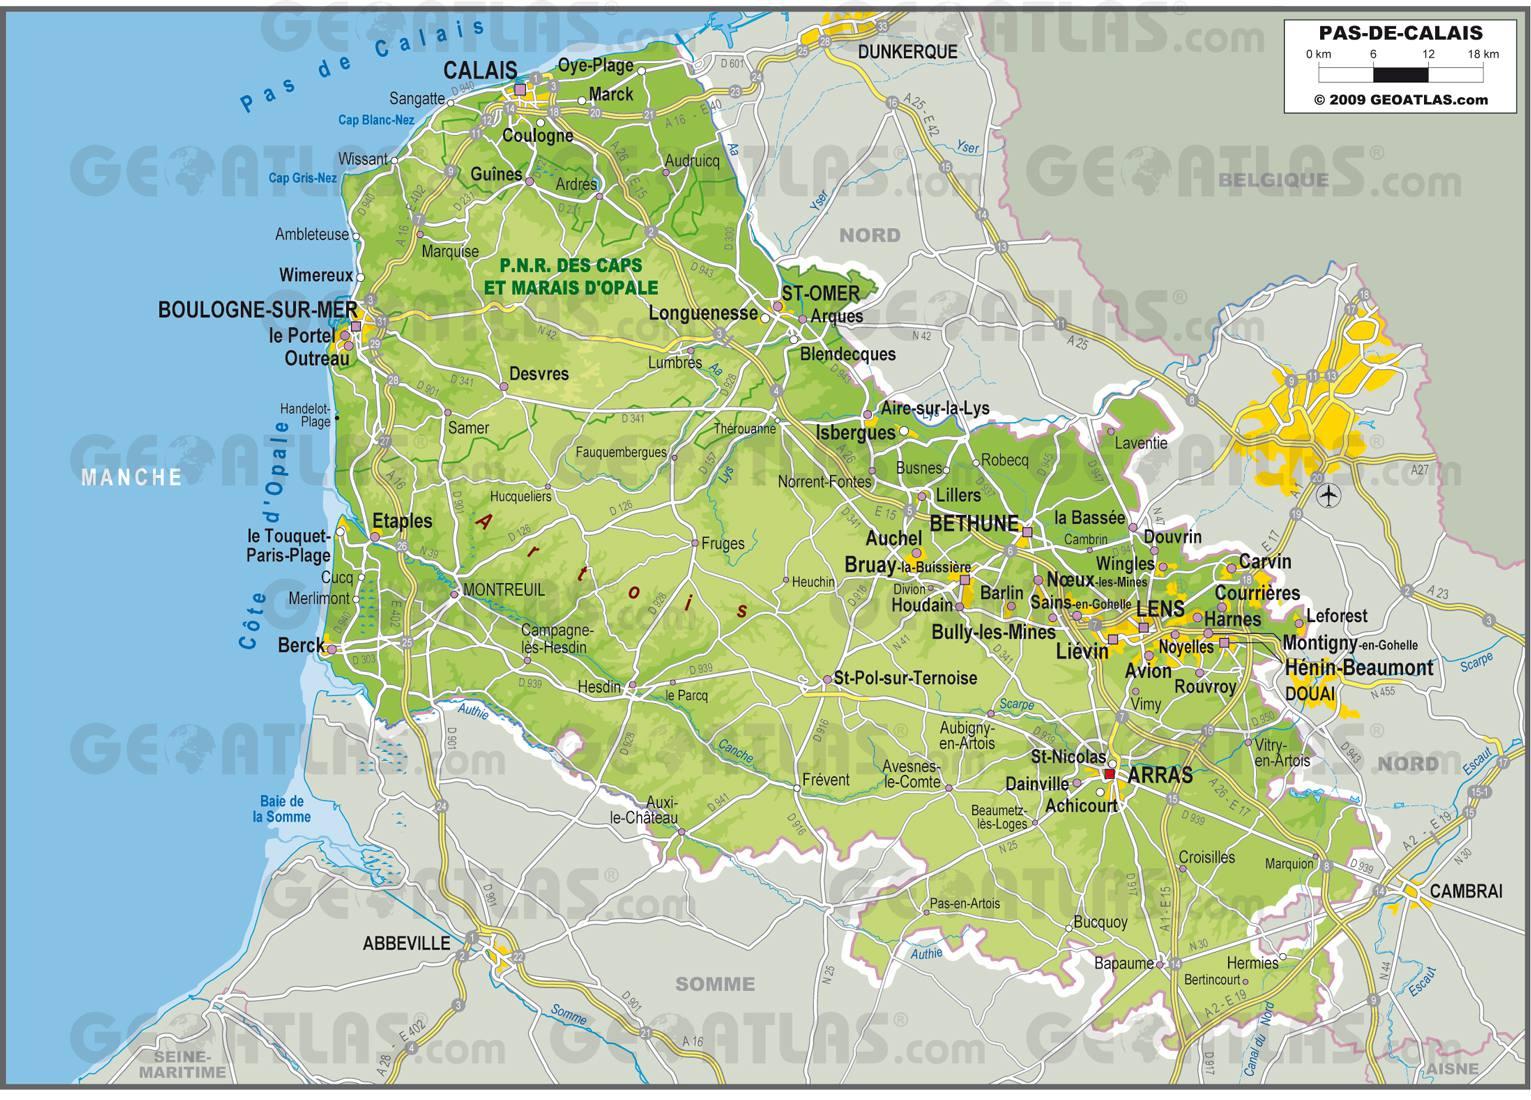 Pas-de-Calais carte